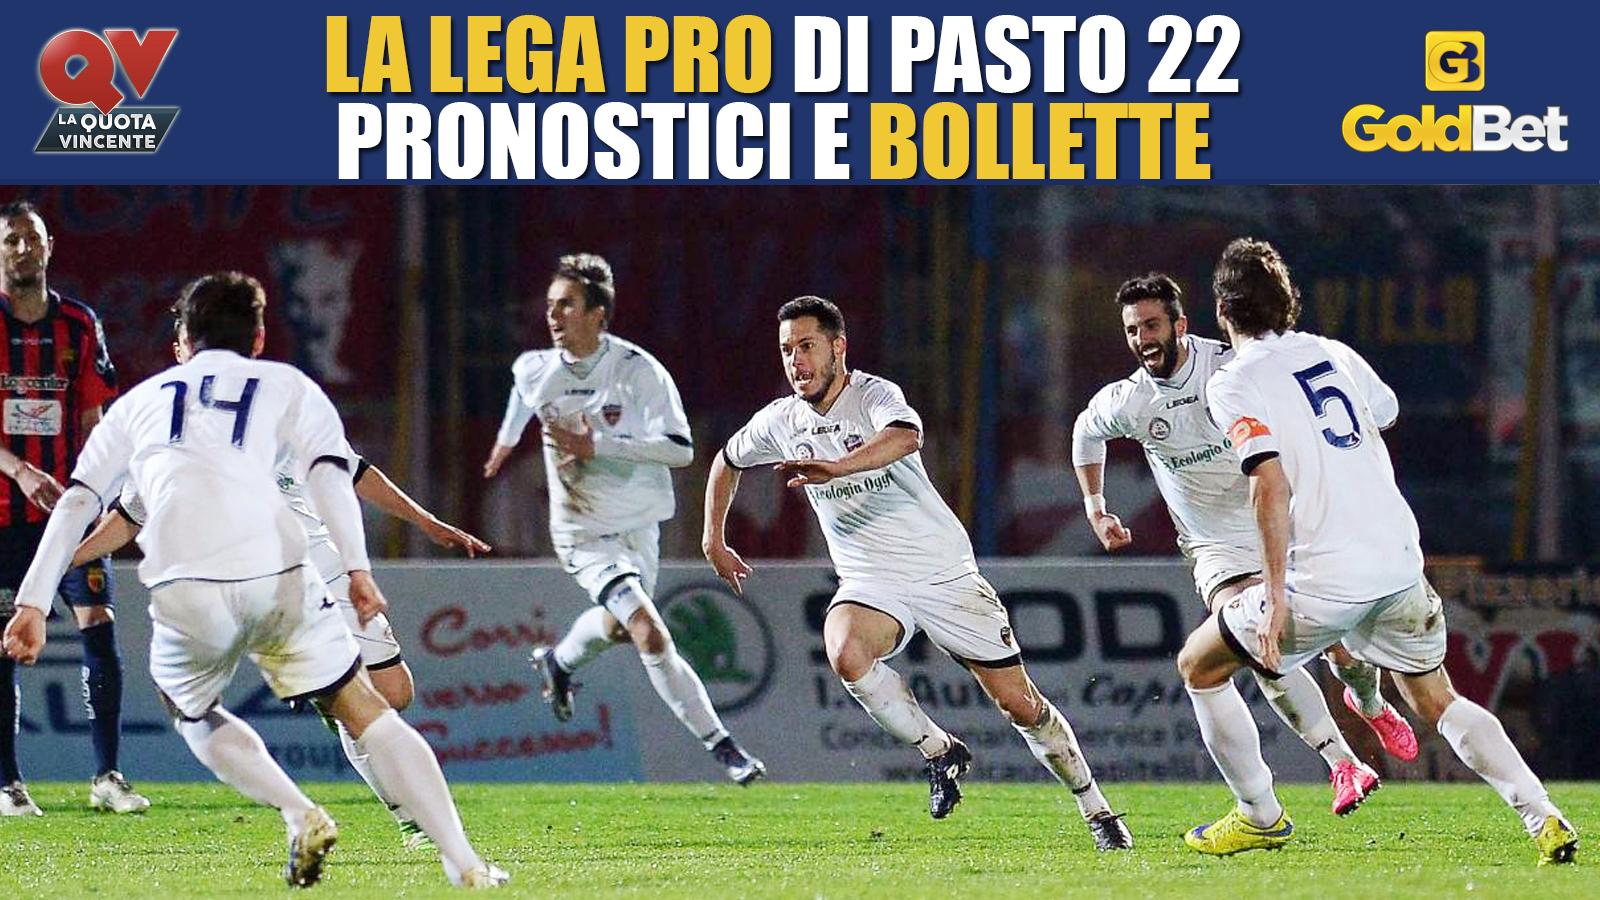 lega_pro_blog_qv_pasto_22_cosenza_esultanza_news_scommesse_bollette_qv_BLOG